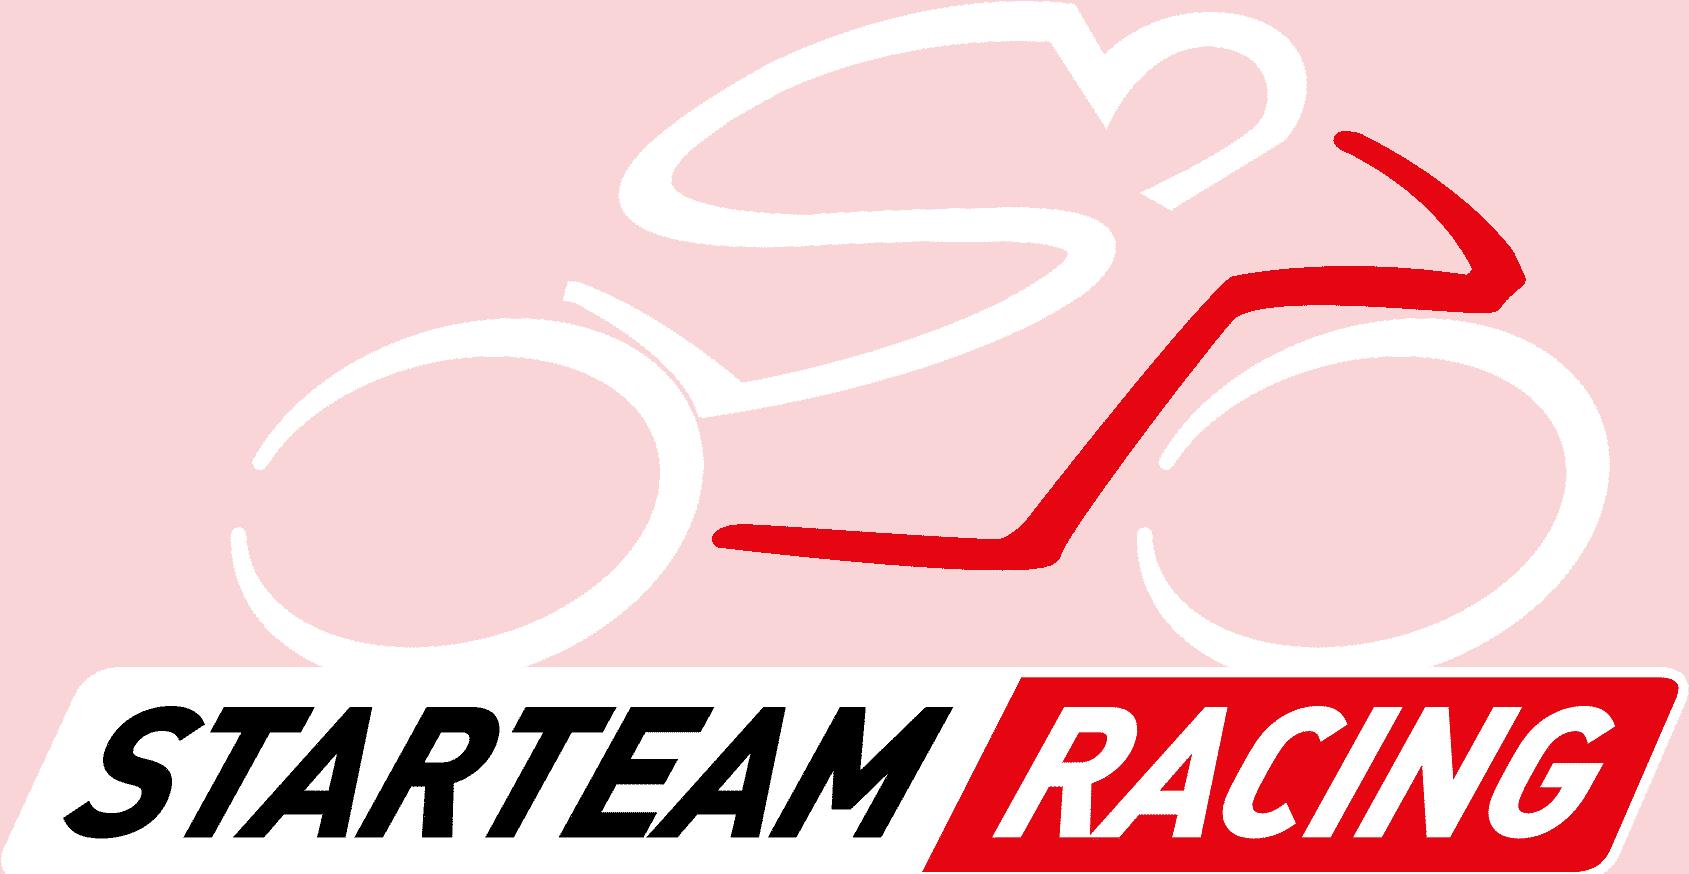 Starteam Racing